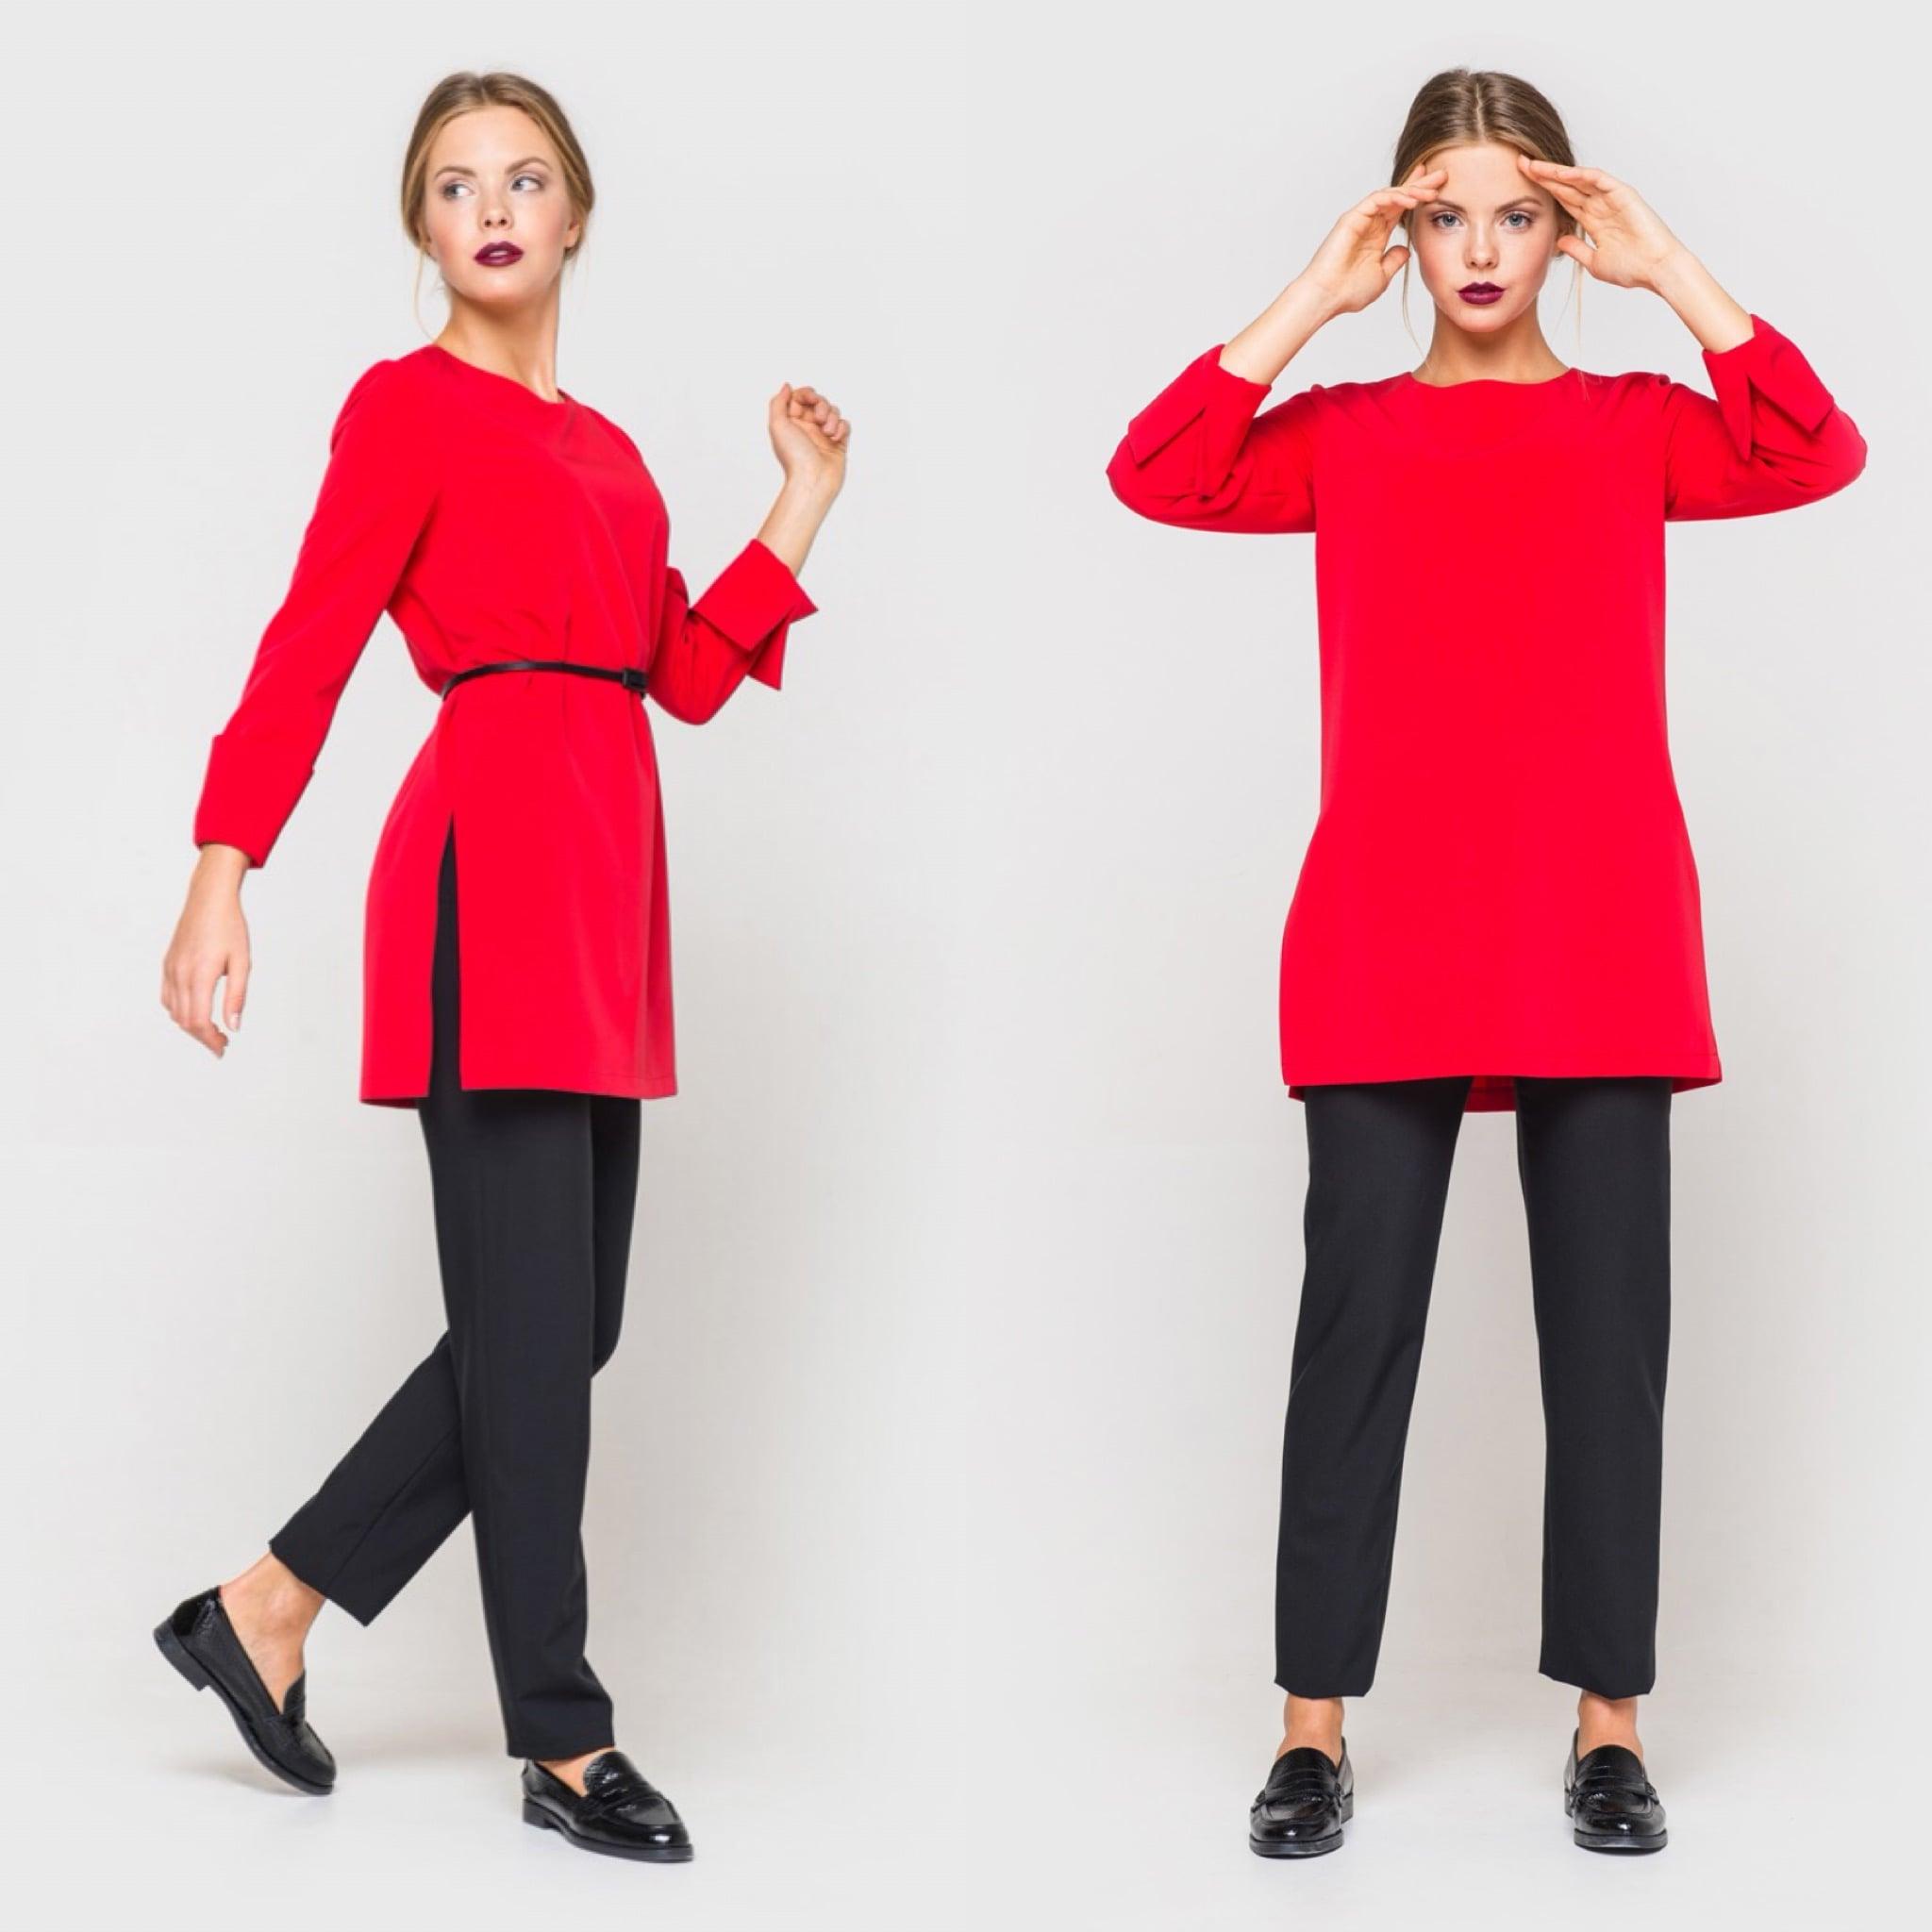 Блуза украинского бренда одежды NINE празднует День Рождения 9